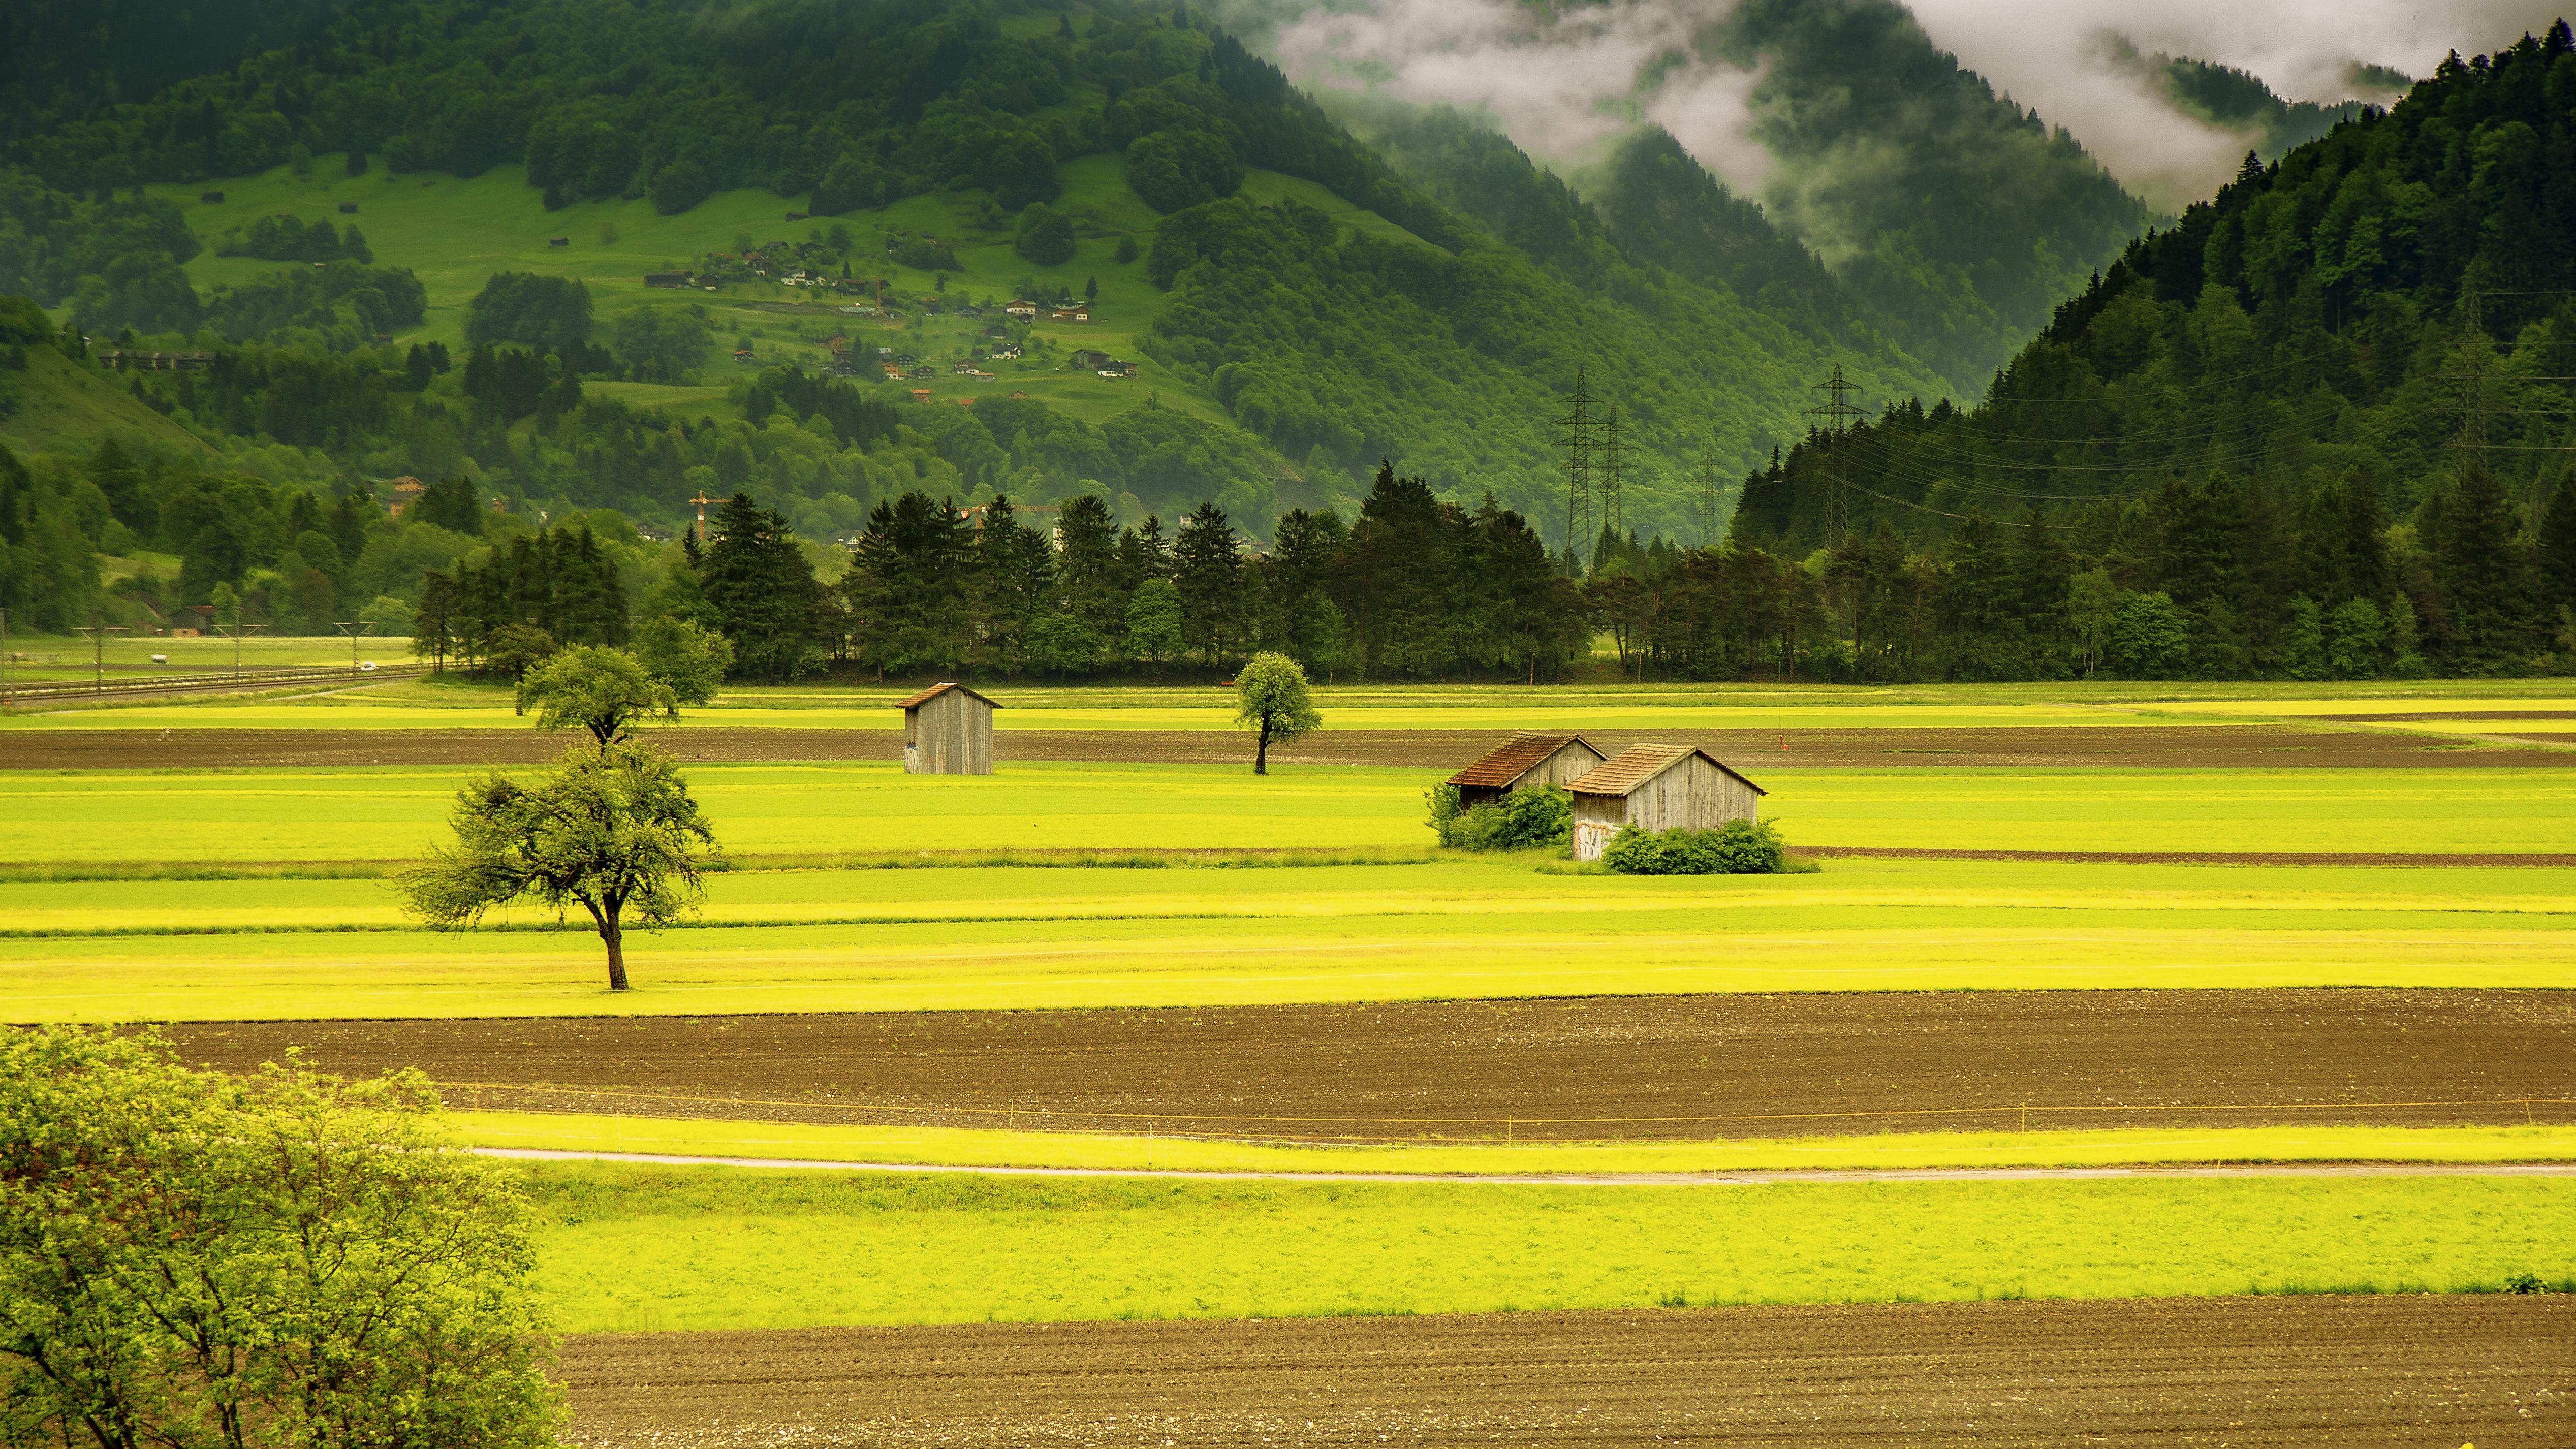 76 Gambar Pemandangan Gunung Sawah Dan Rumah Terbaik